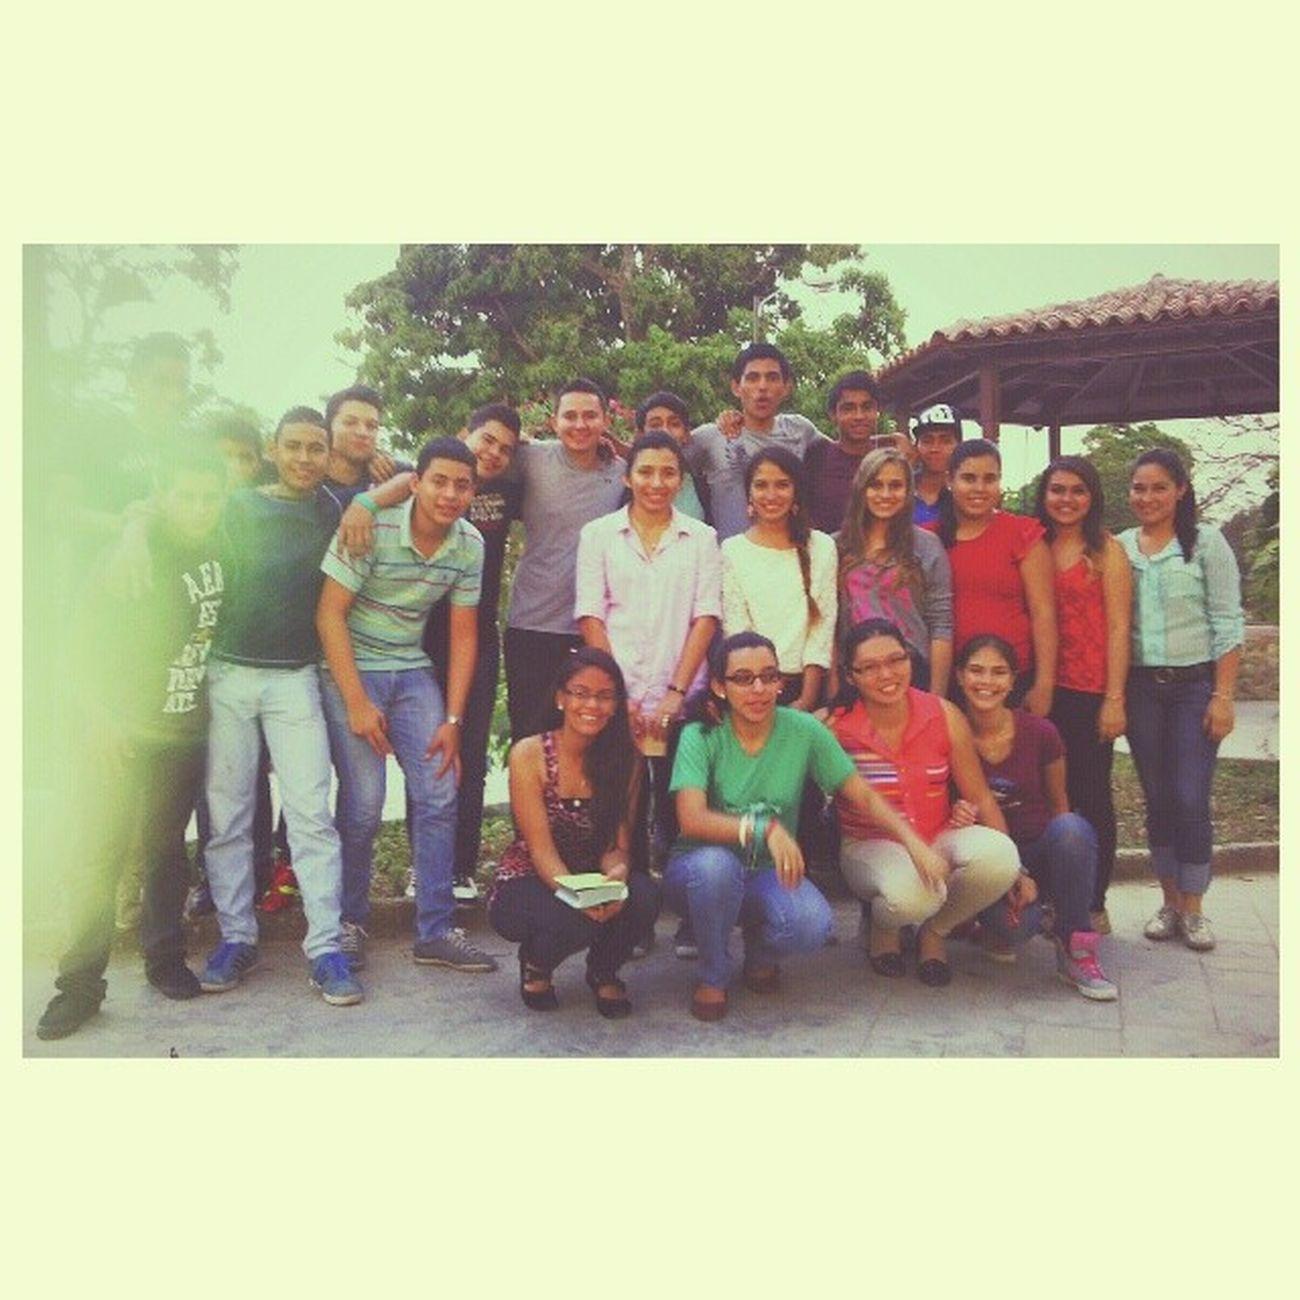 Youthgroup 180